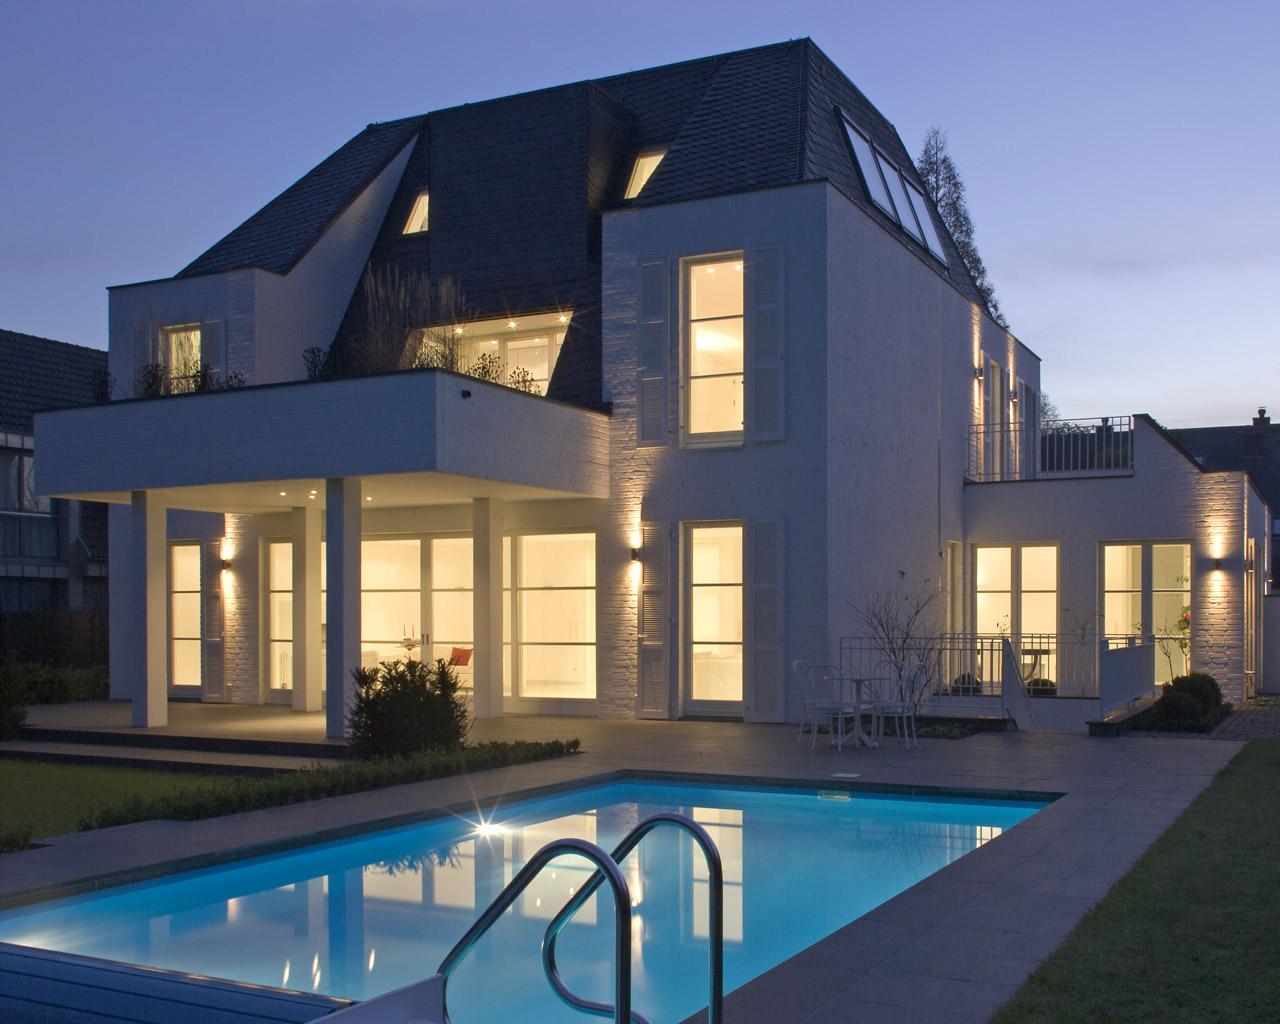 Einfamilienhaus mit pool  Architekturbüro Angelika Hülser Stöhr: NEUBAU MIT INNENARCHITEKTUR